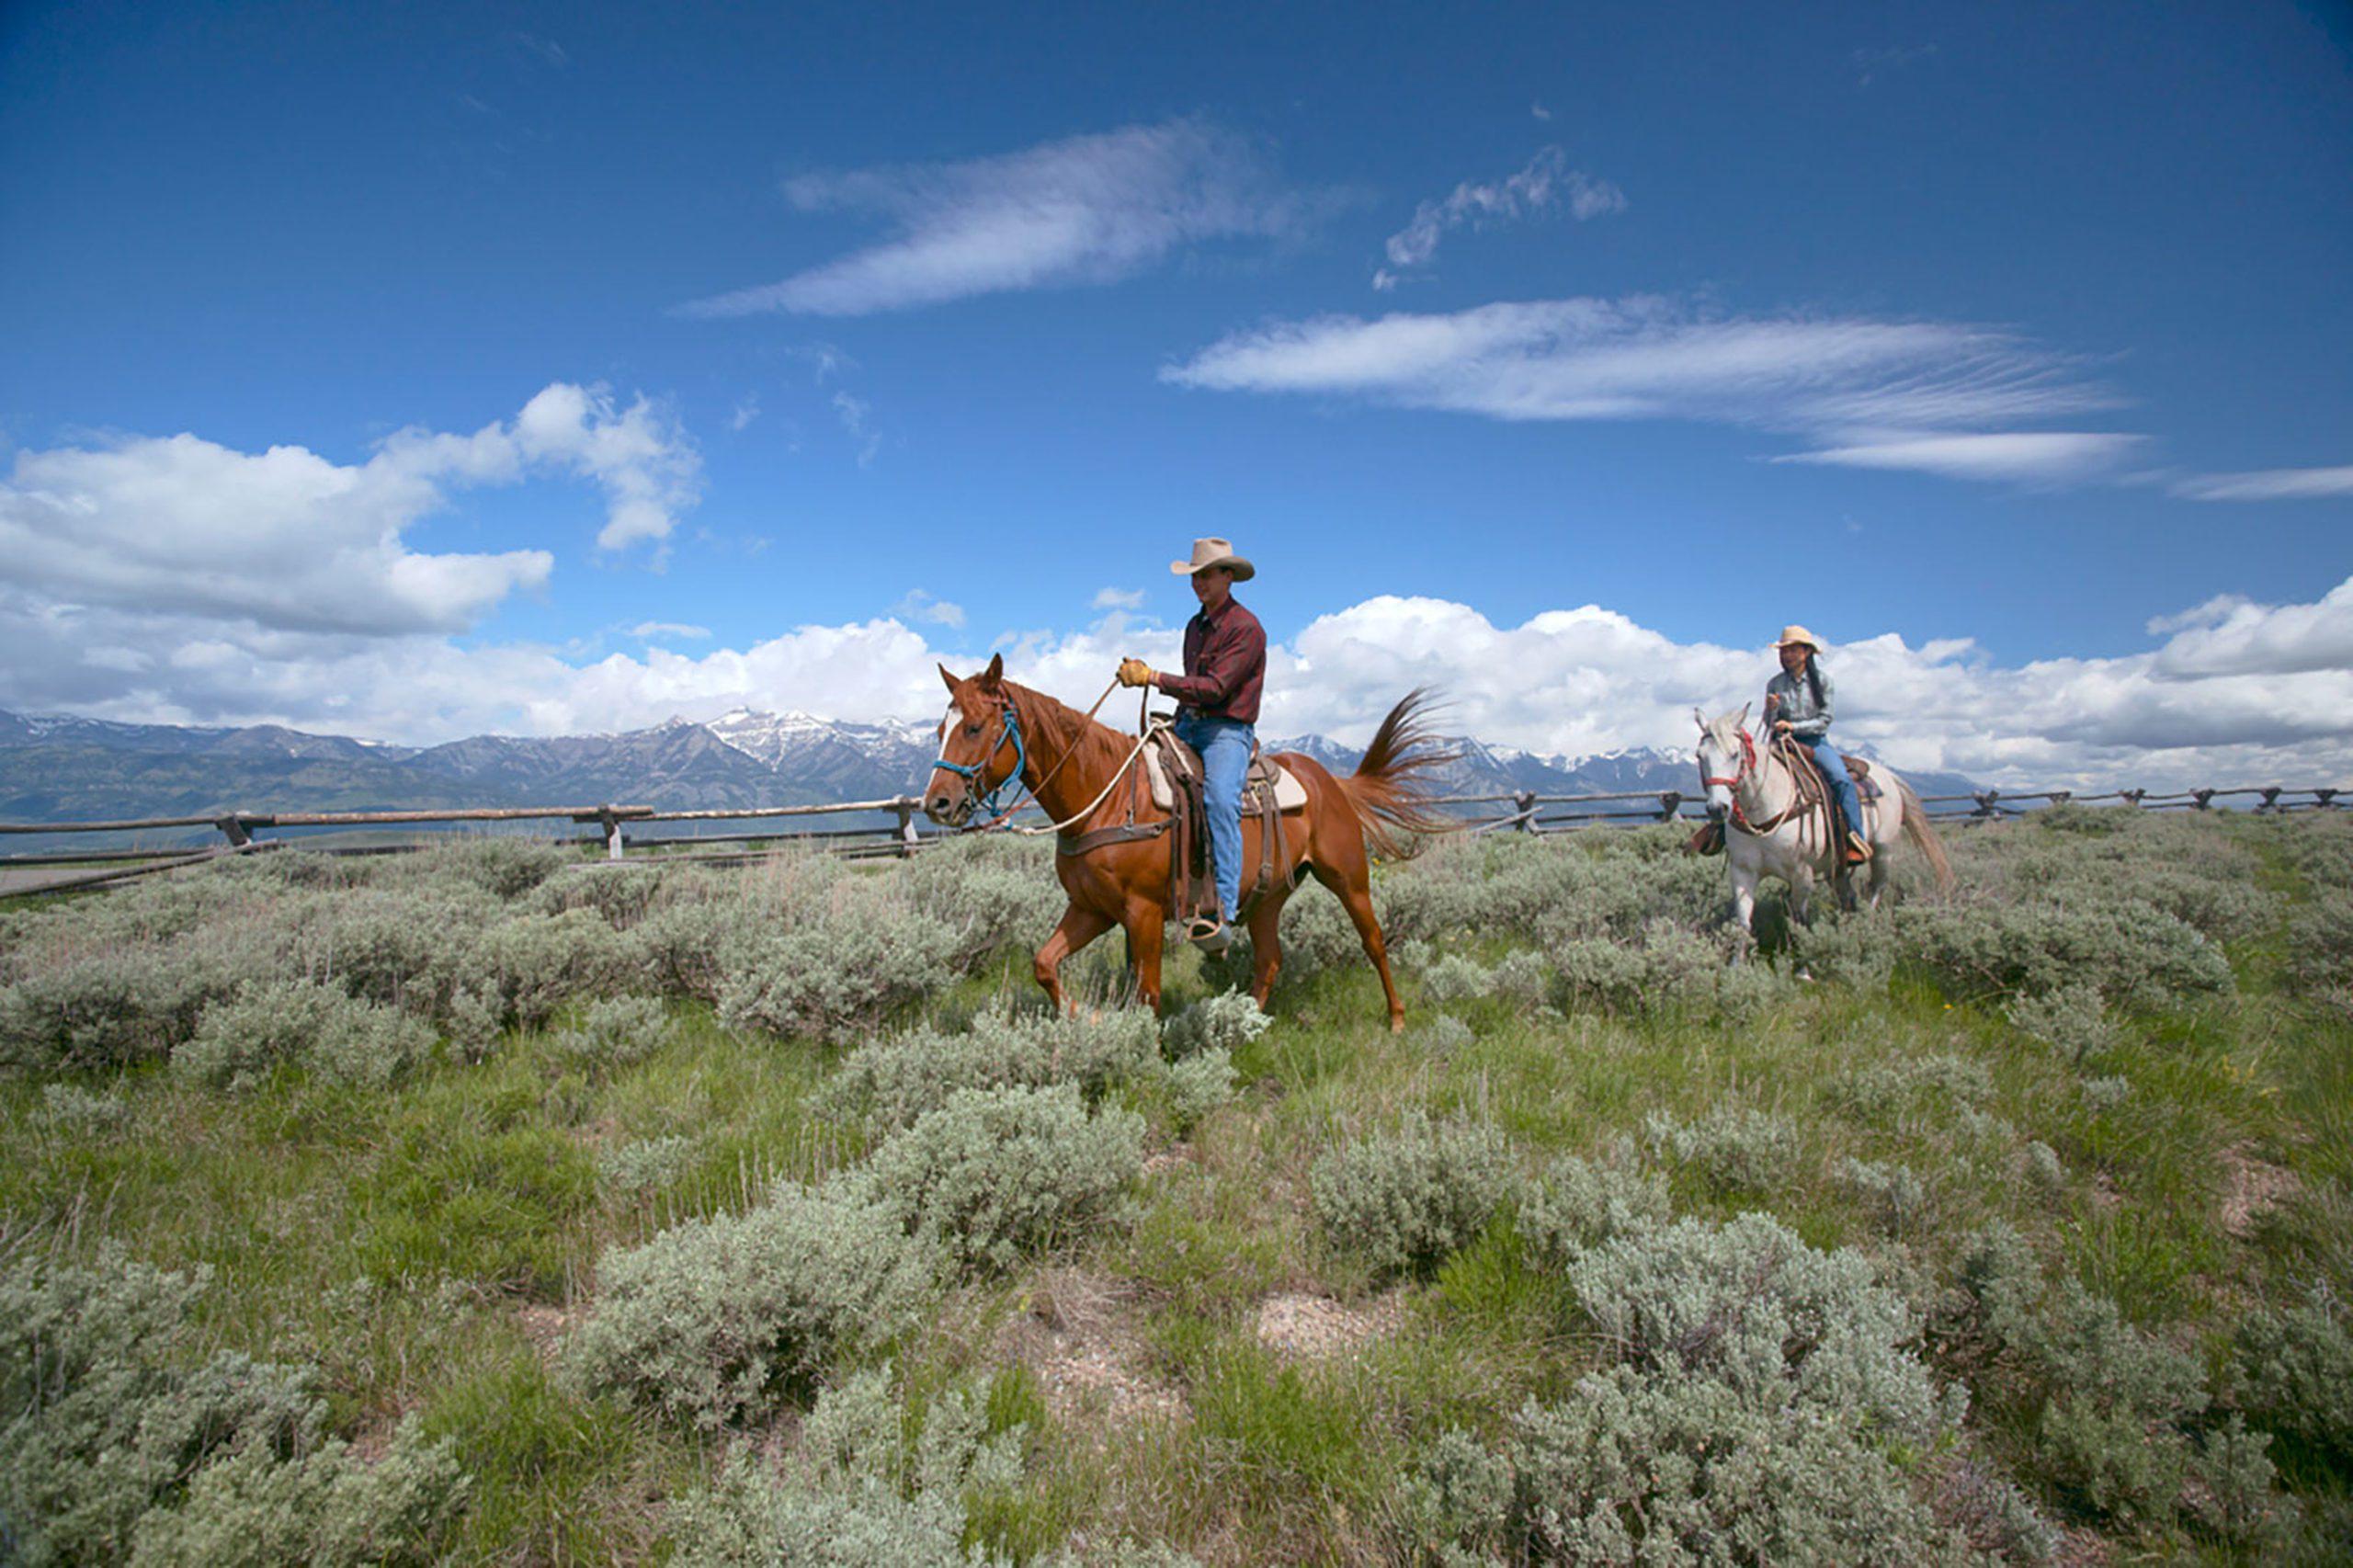 Amangani horseback riding